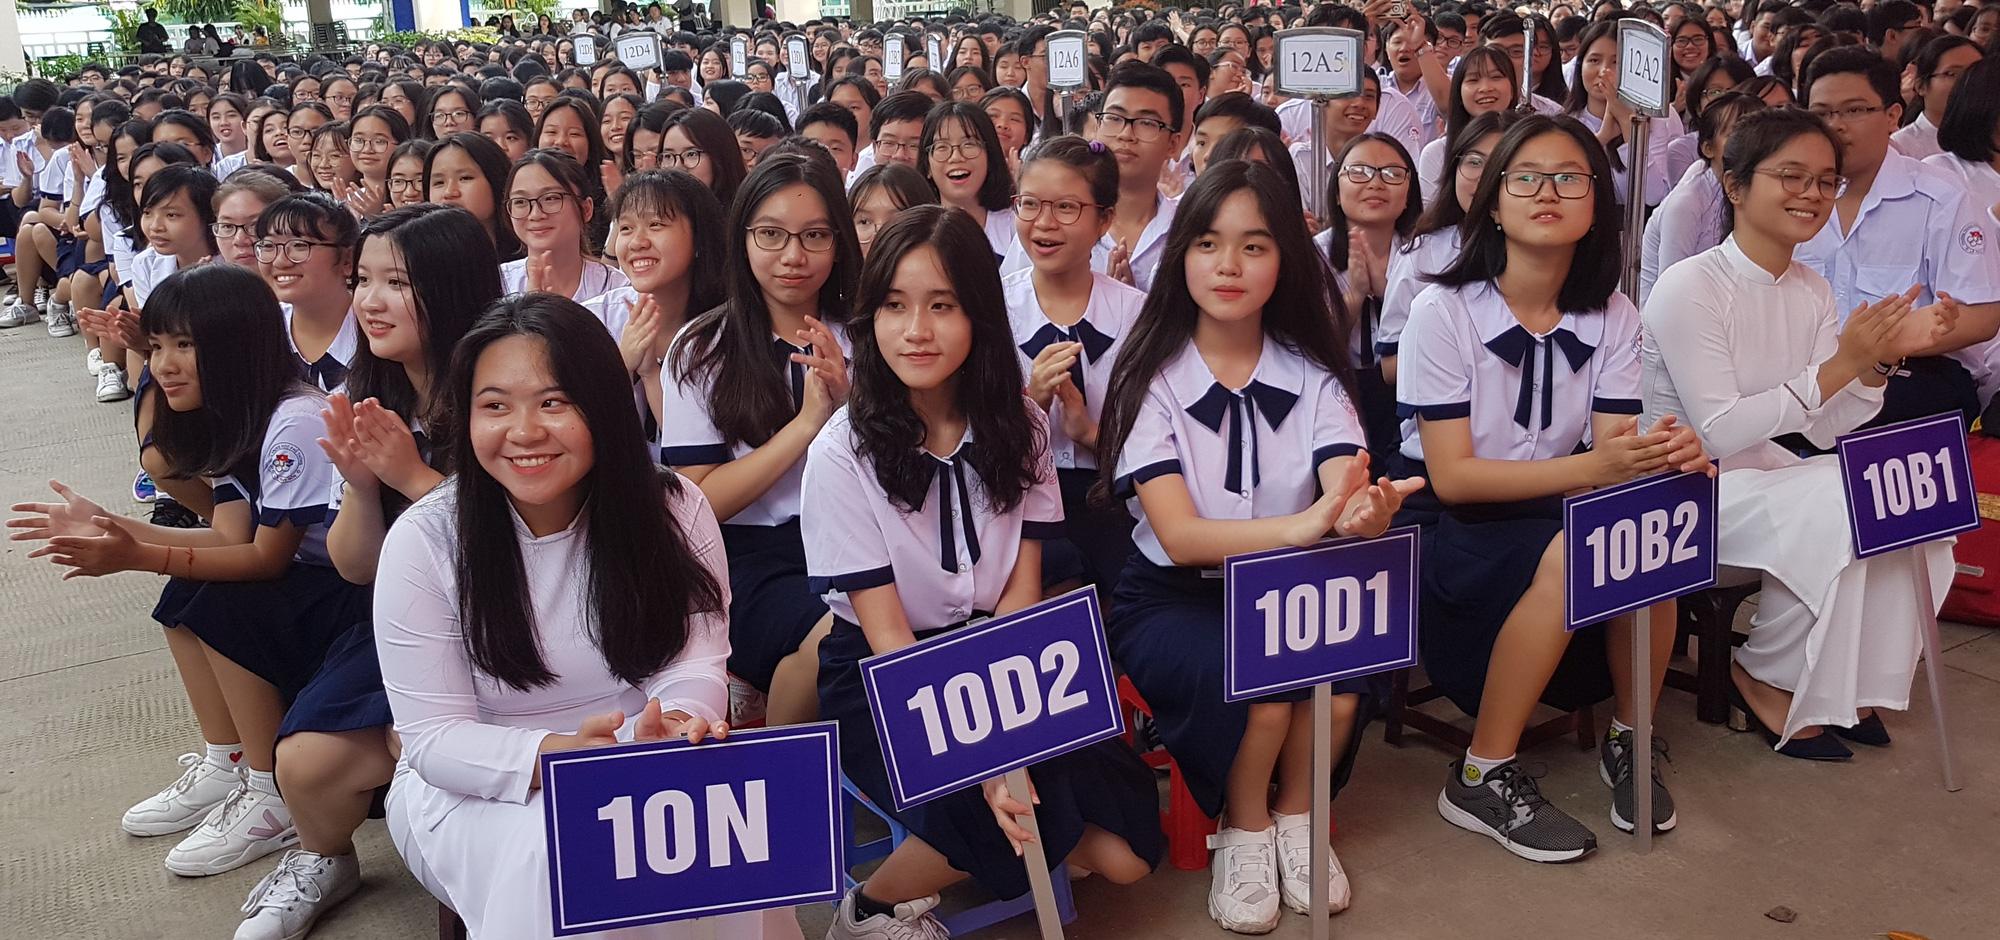 4 tỉnh, thành phố cho học sinh trở lại trường ngày 23/4. (Ảnh qua tuoitre)